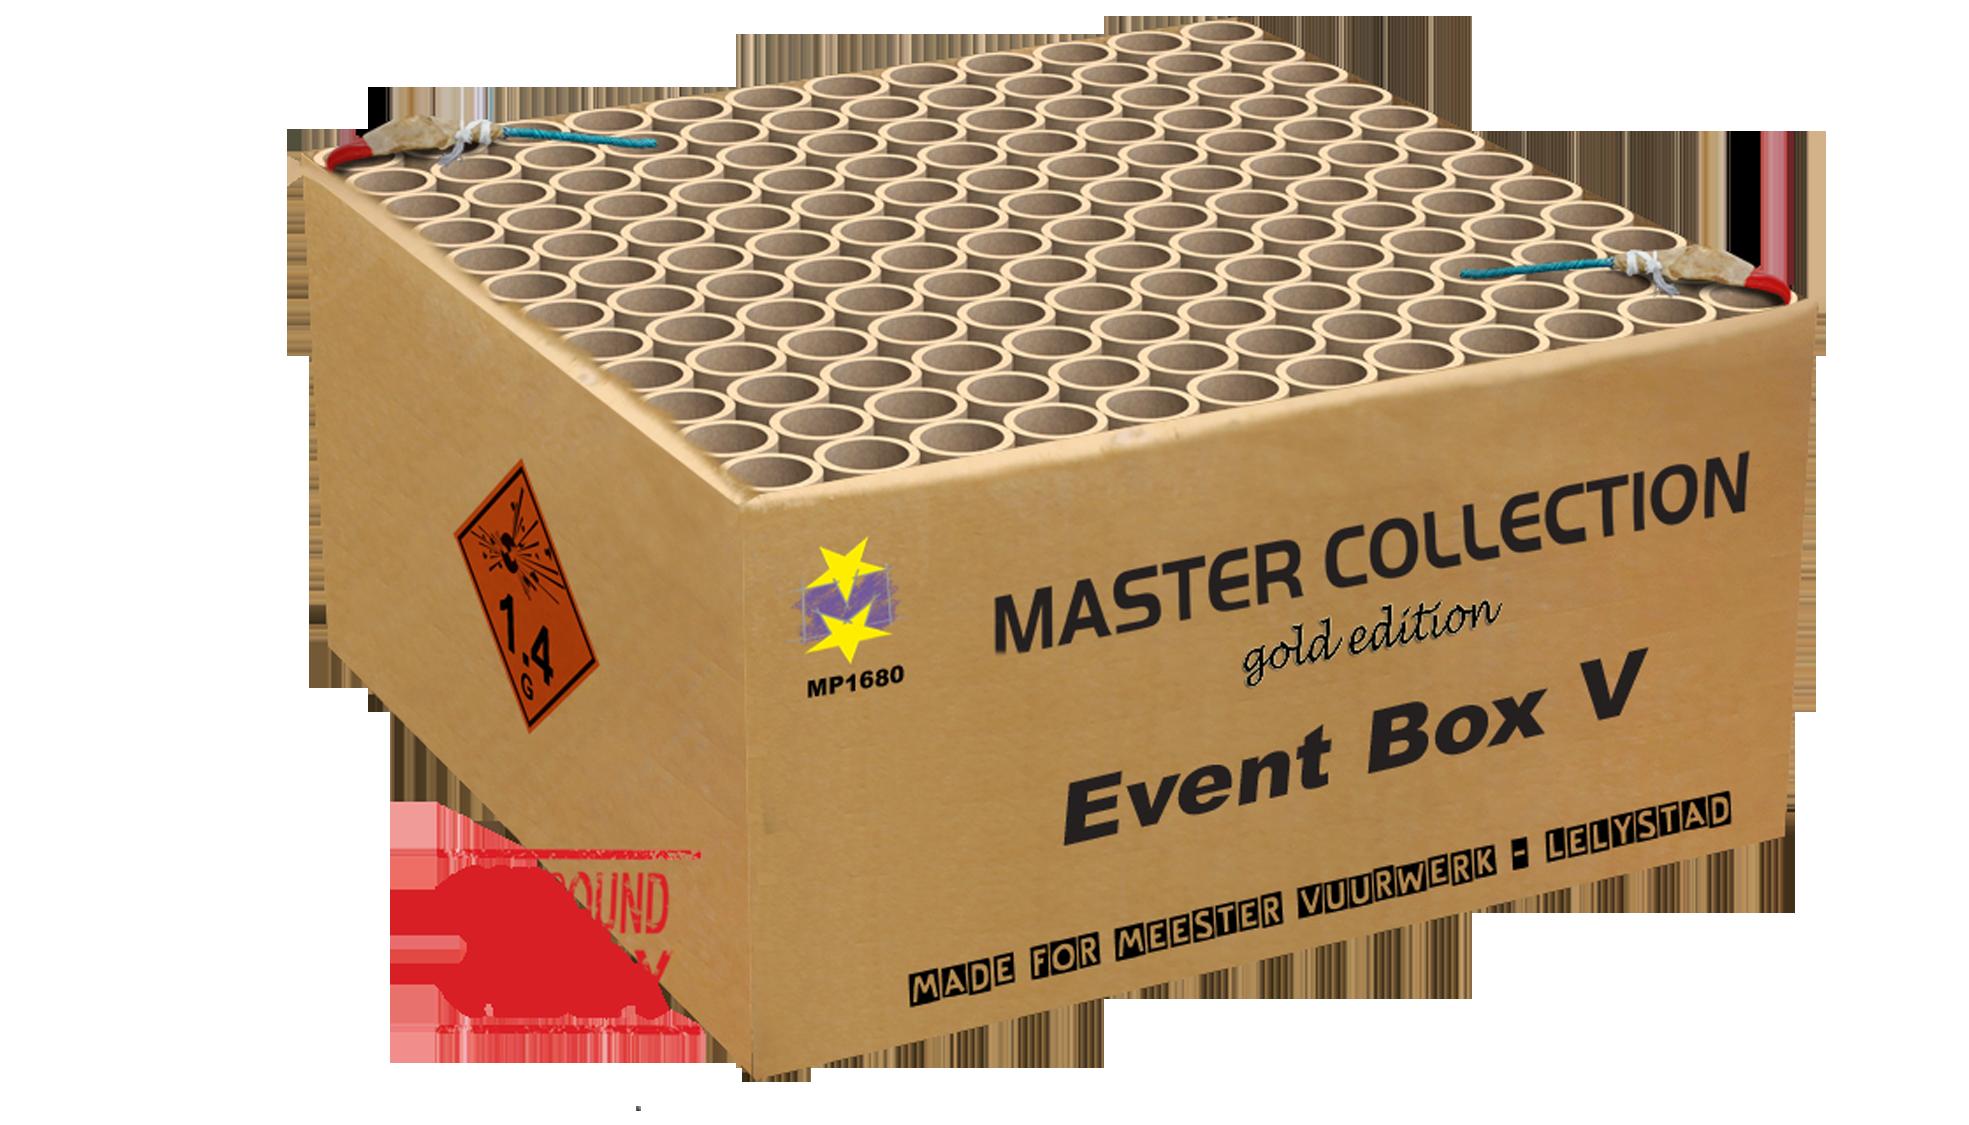 Event Box V